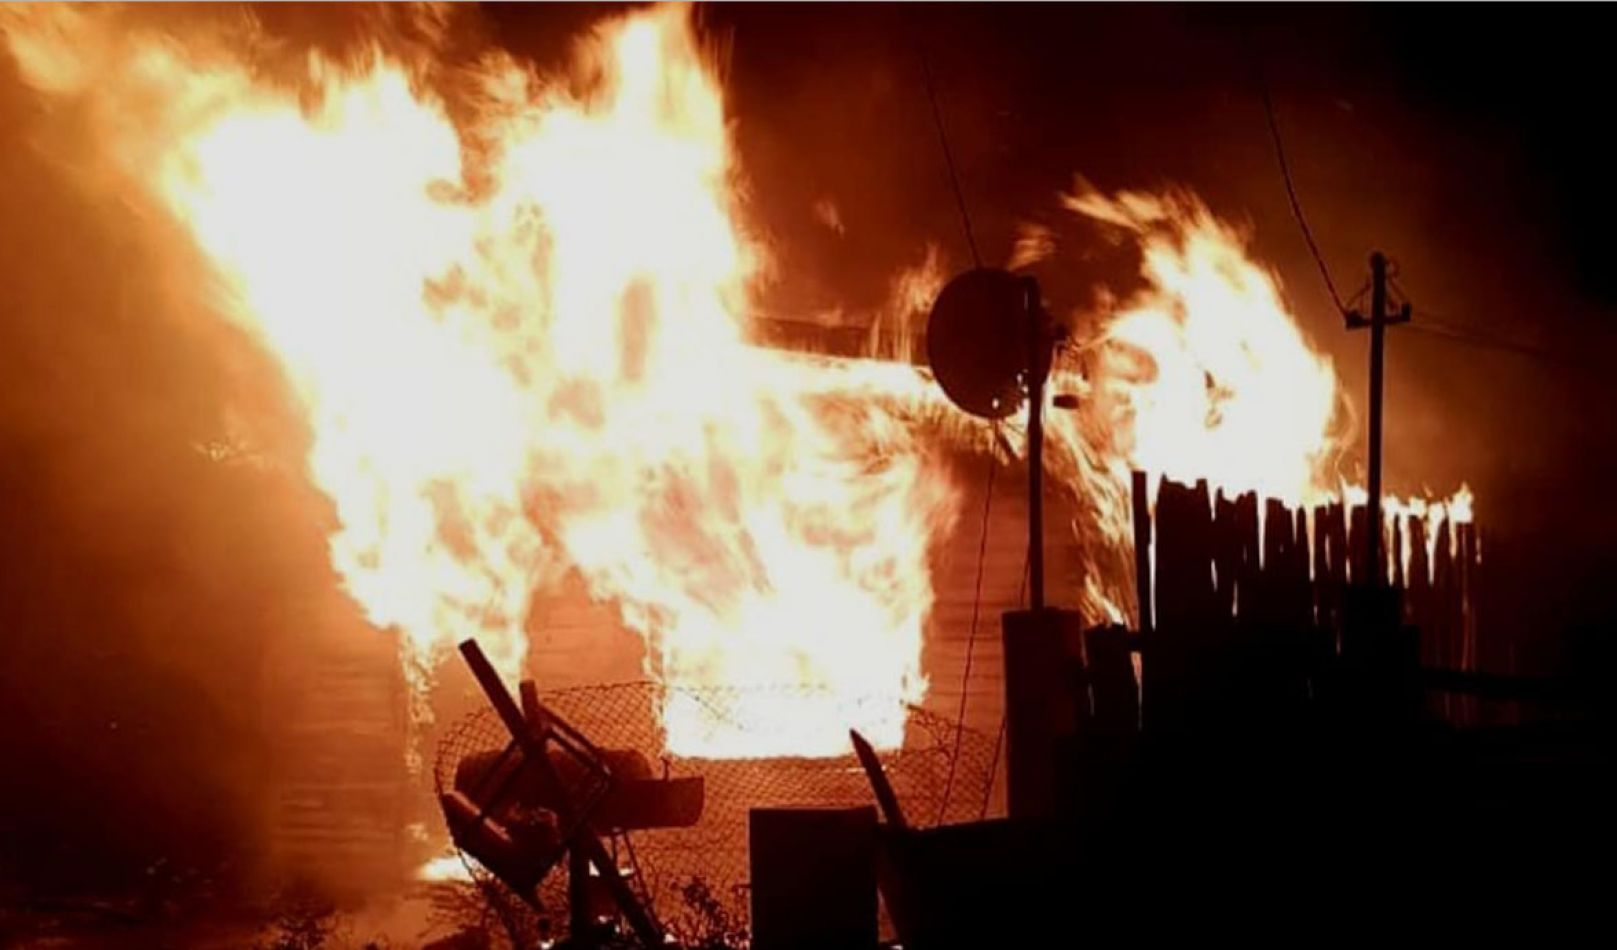 Un hombre joven quedó atrapado por las llamas y murió.